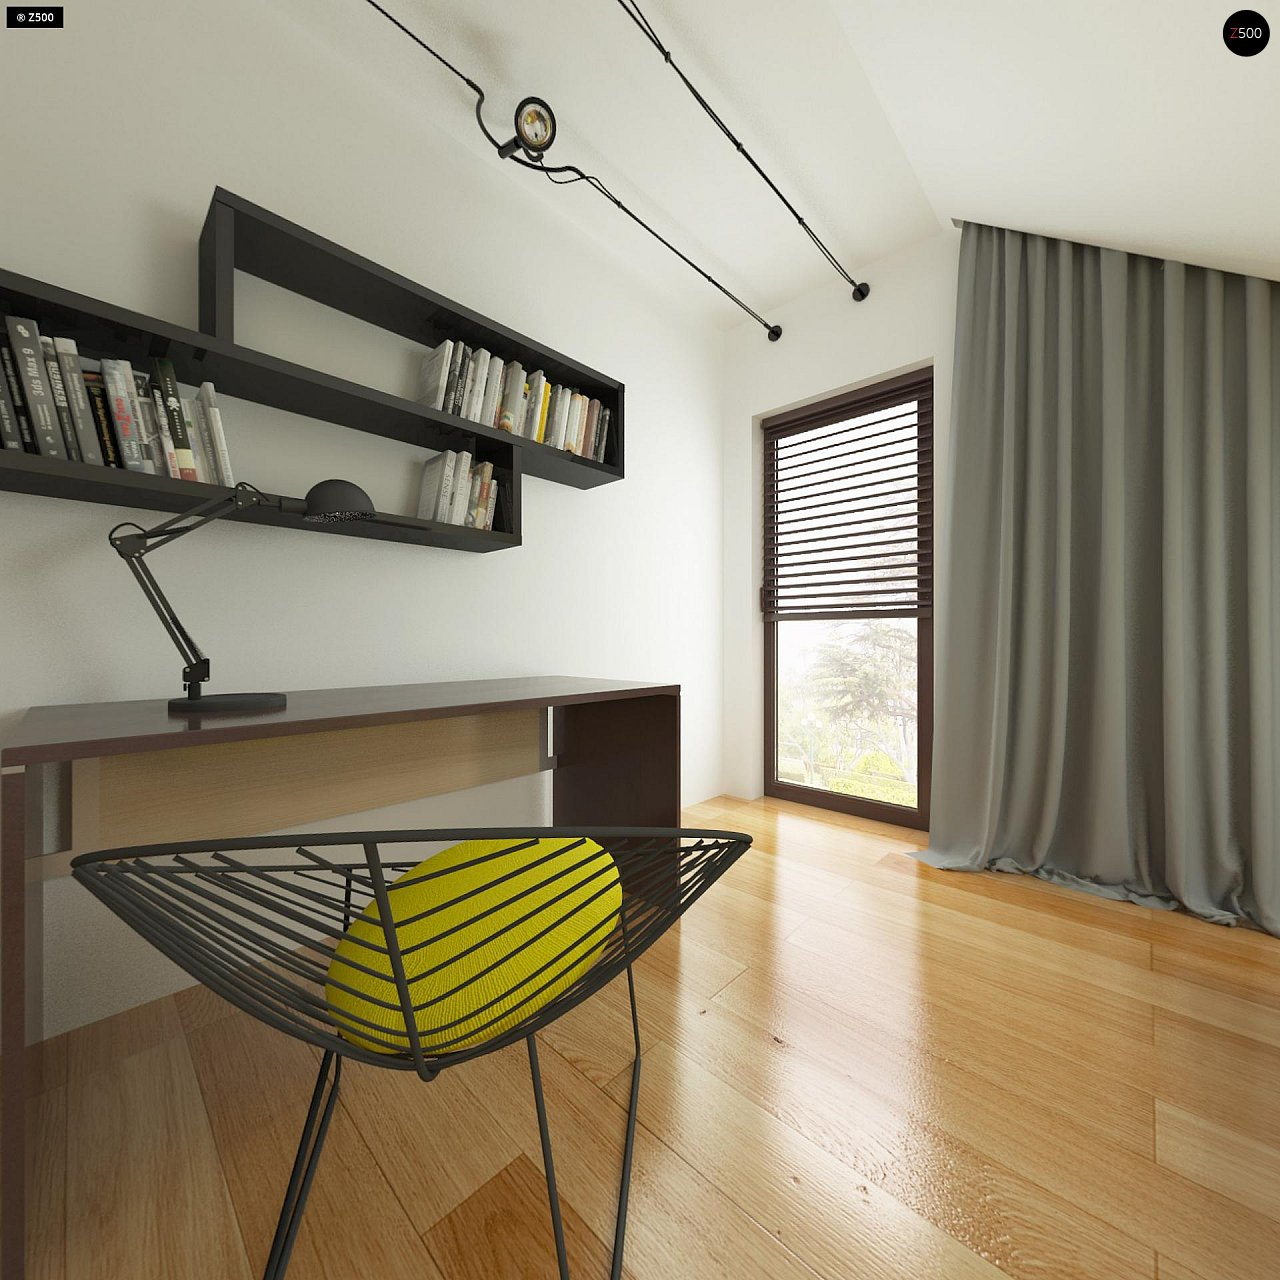 Небольшой дом с дополнительной комнатой на первом этаже, большим хозяйственным помещением и эркером в столовой. 20